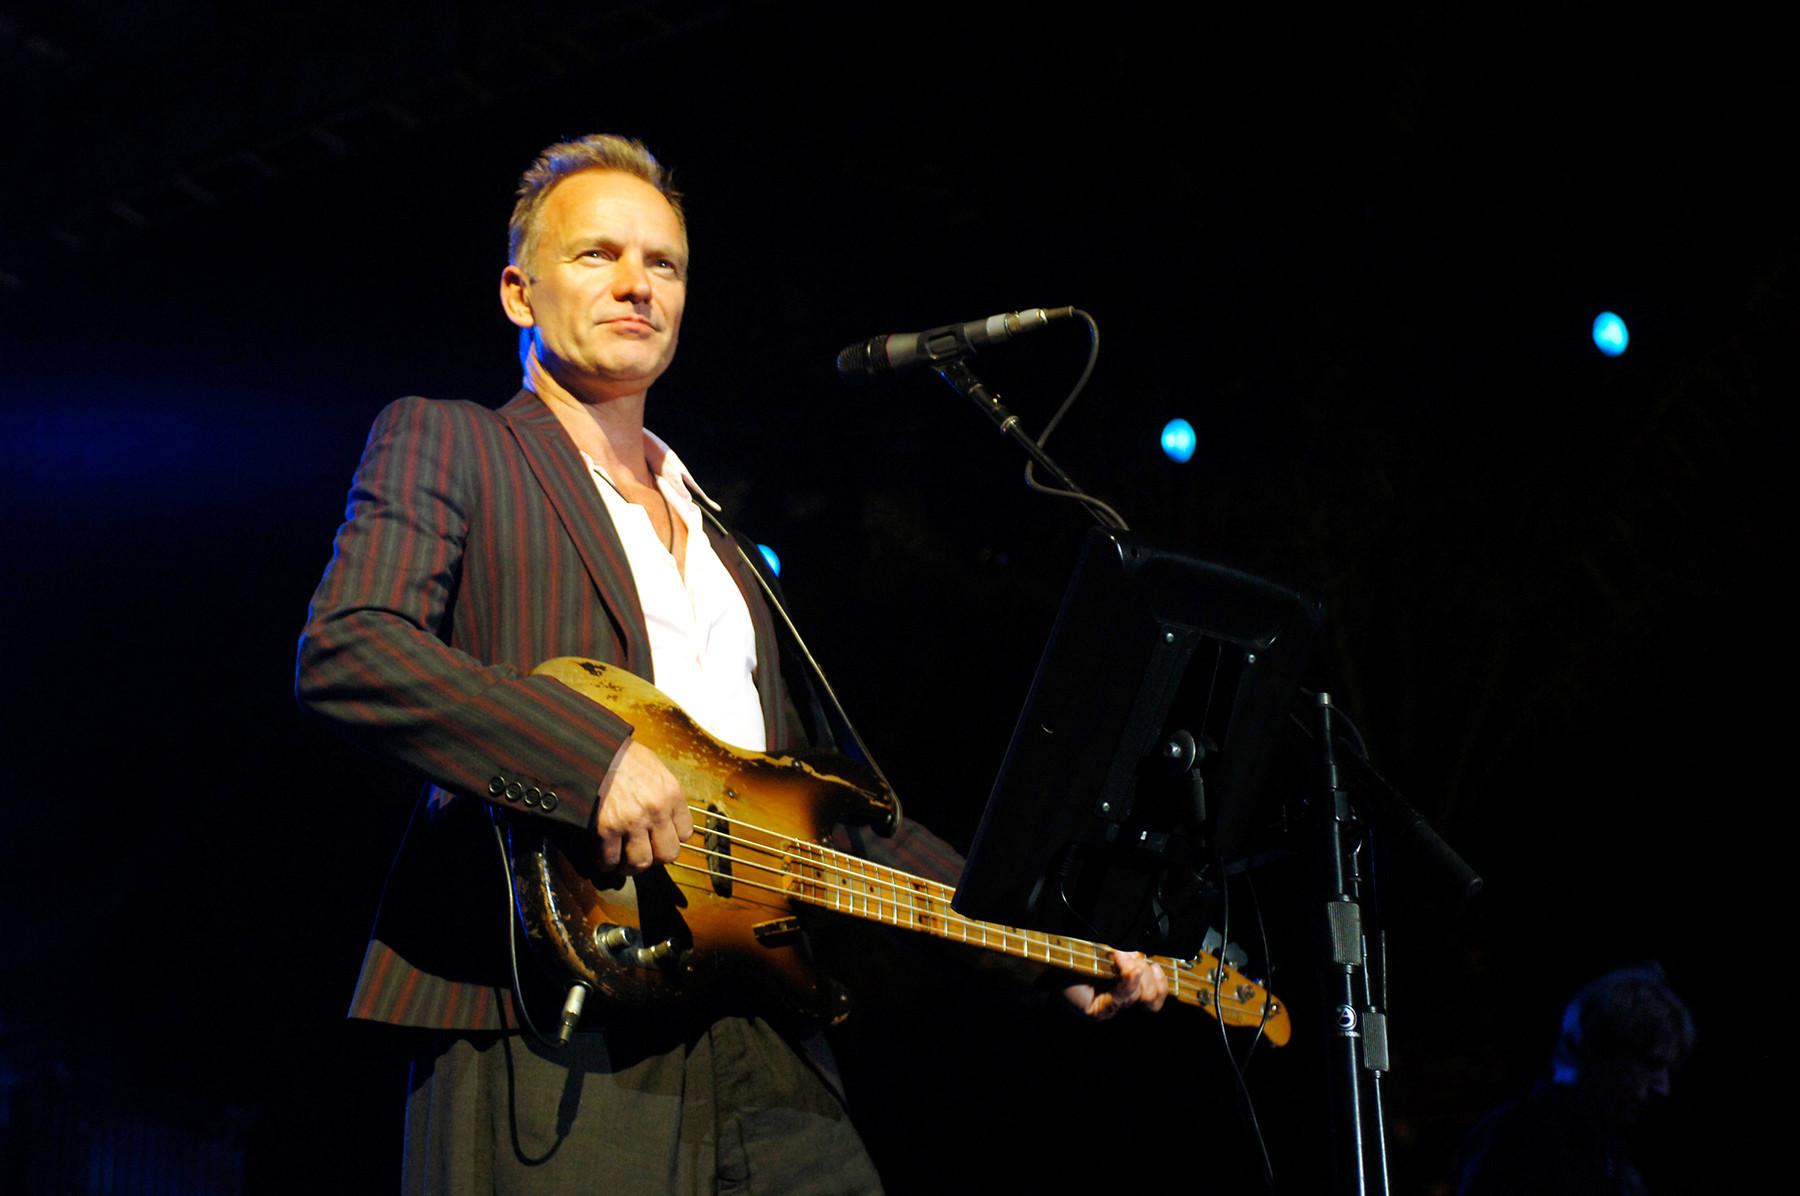 O cantor Sting é um dos adeptos da marca, apesar de o microfone da foto não ser da 'Oktava'.